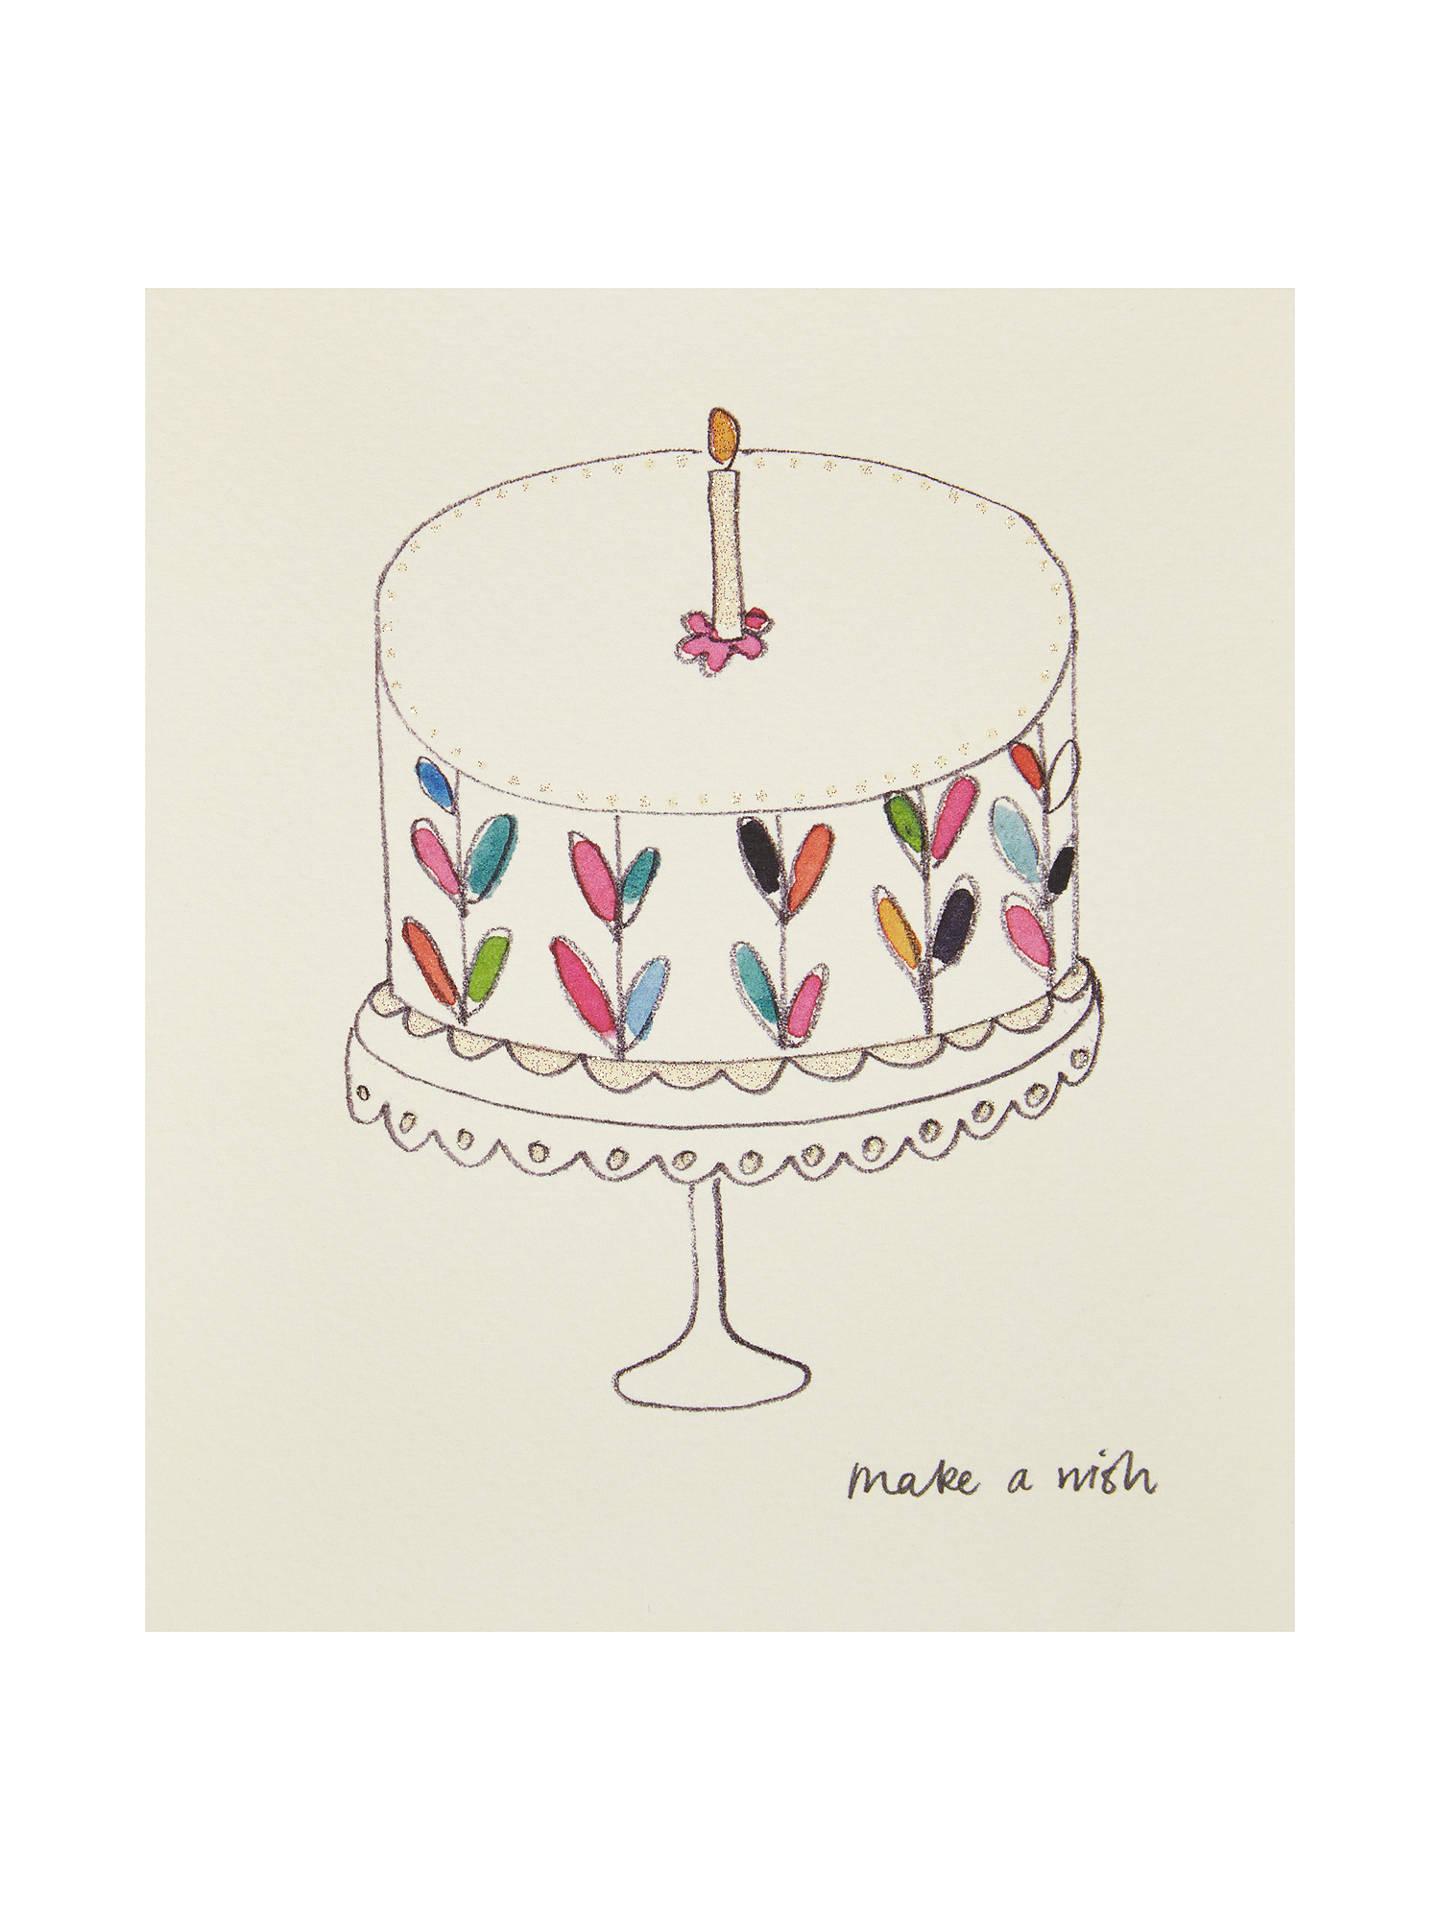 Pleasant Paperlink Birthday Cake Greetings Card At John Lewis Partners Funny Birthday Cards Online Elaedamsfinfo